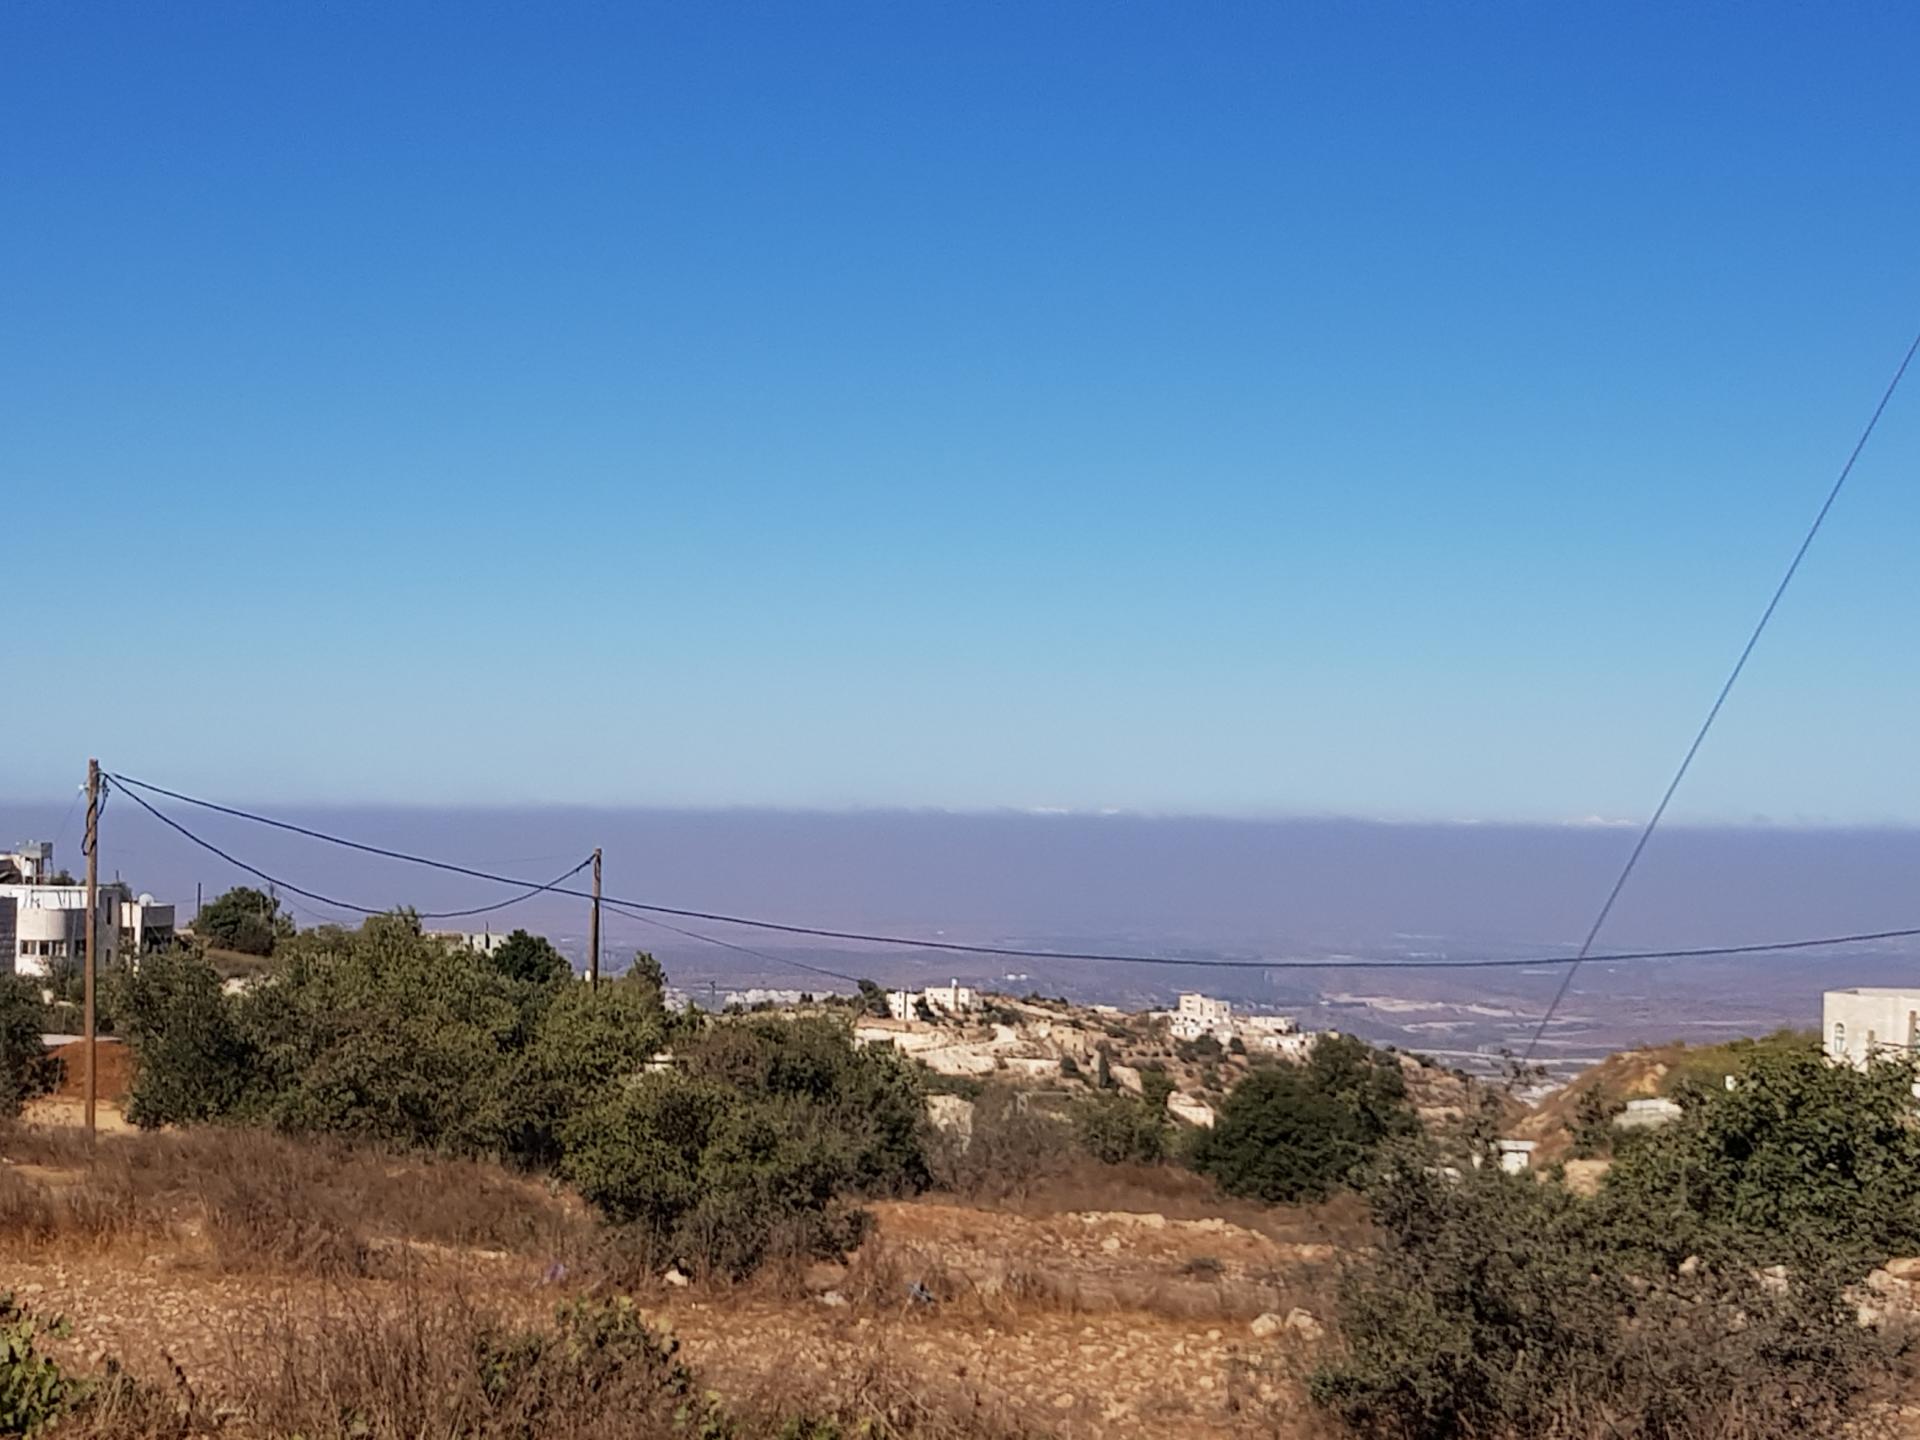 הנוף ה והמרחבים הפתוחים של אזור דרום הר חברון